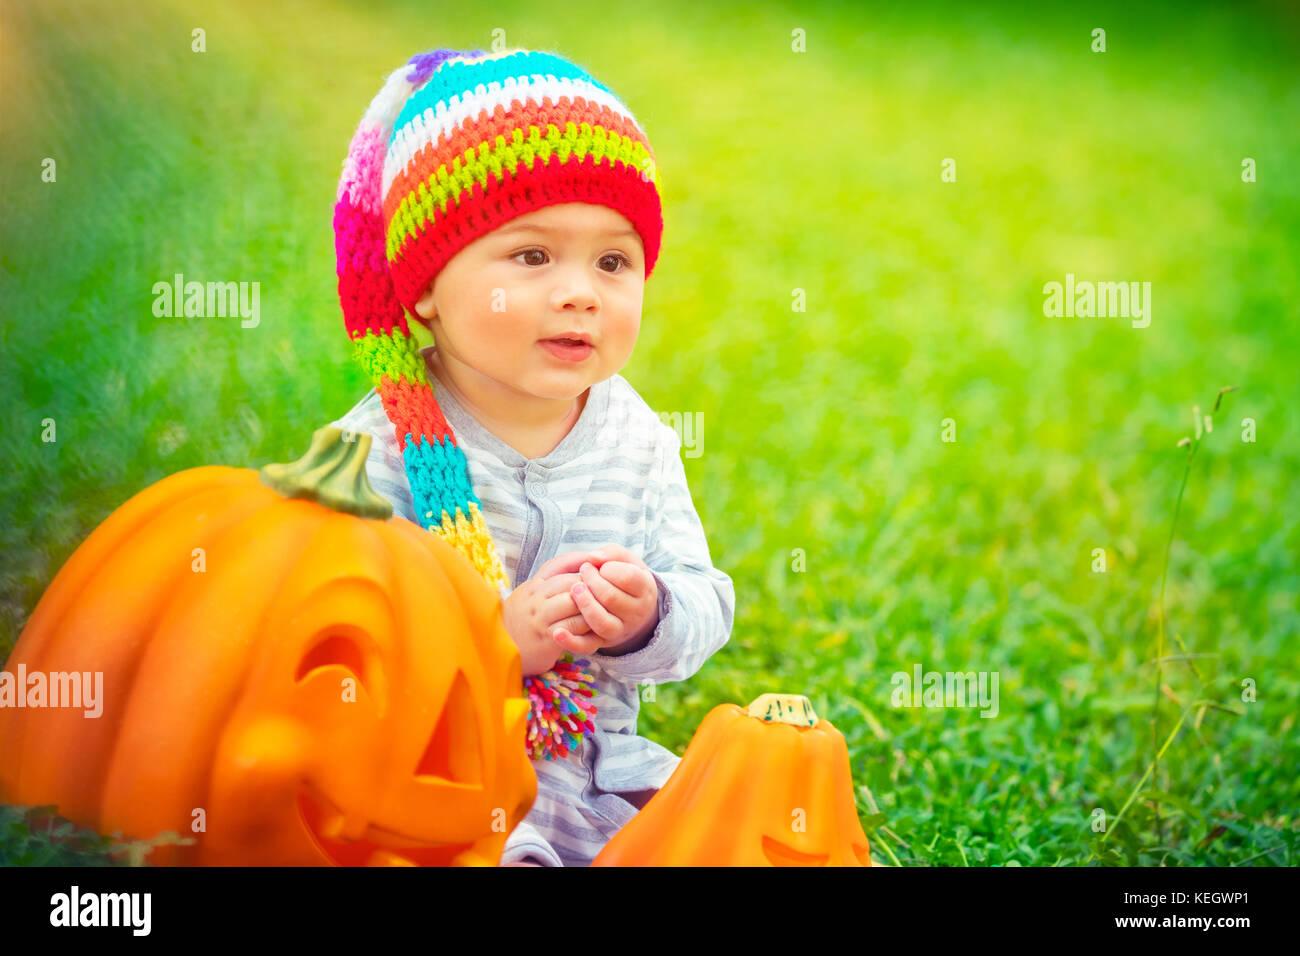 Ritratto di una bambina carina celebrare Halloween holiday, tradizionale vacanza americana con le tradizionali zucche Immagini Stock